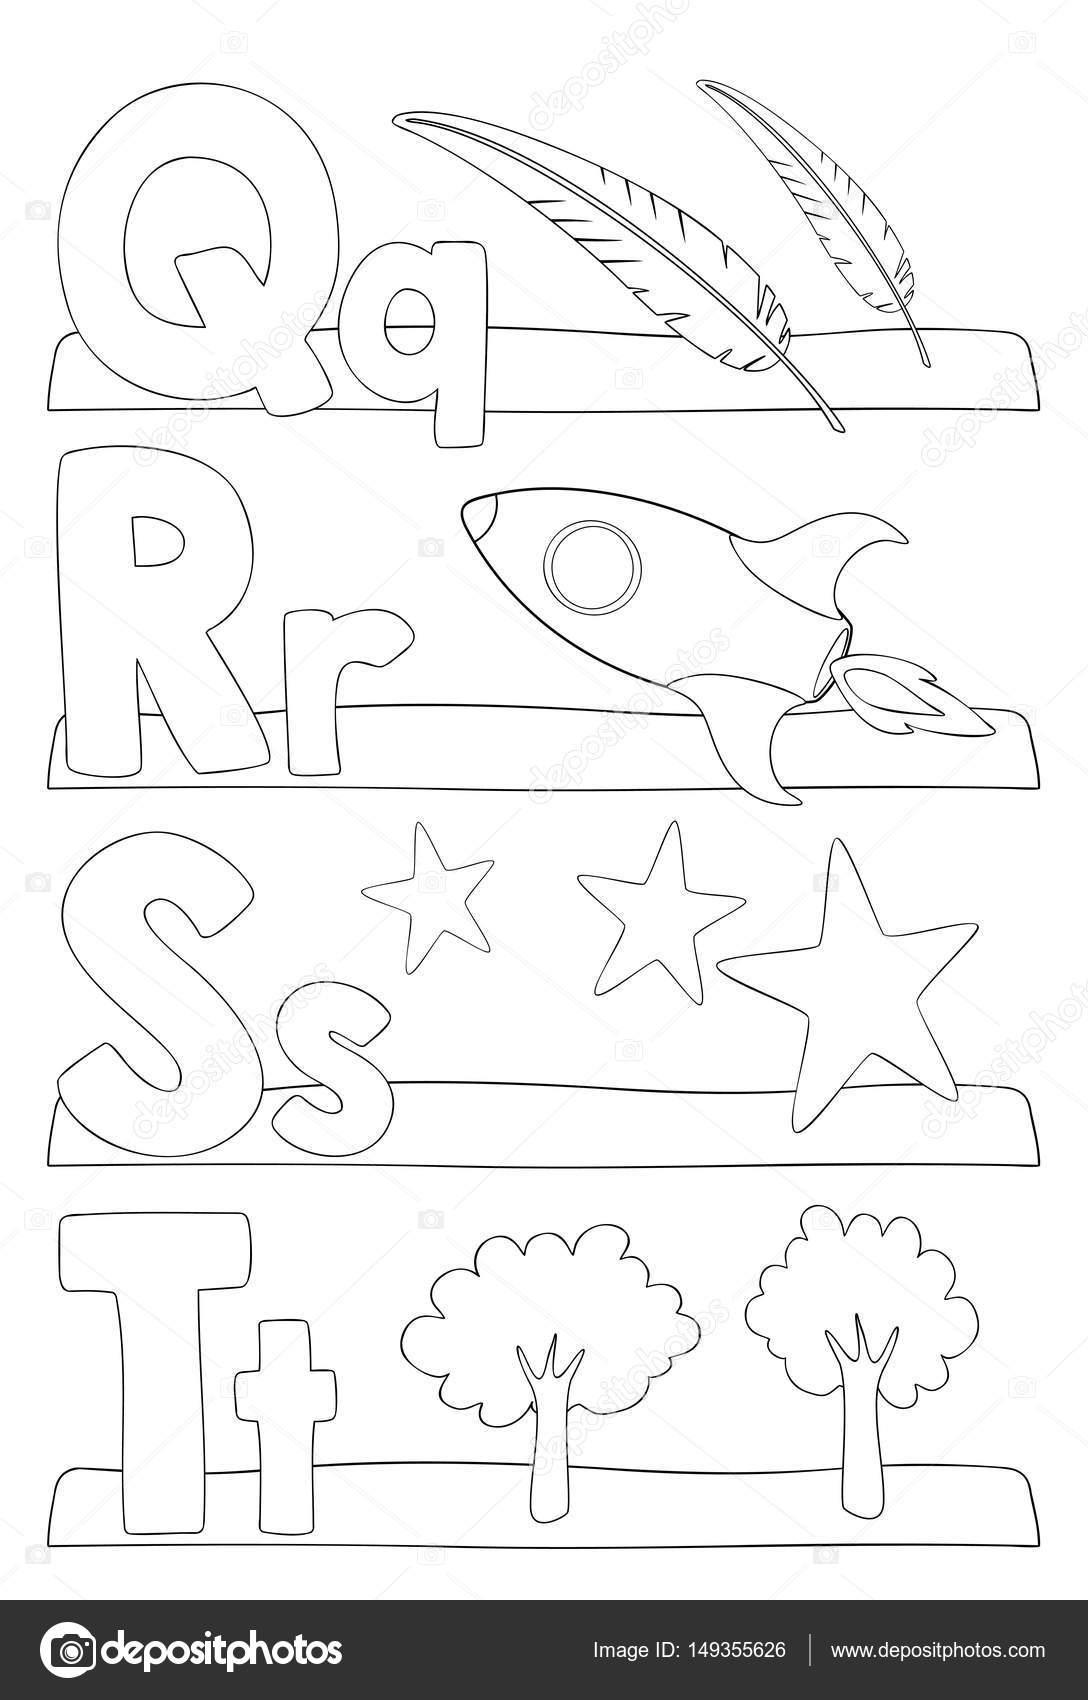 Kleurplaten Met Letters.Alfabet Letters Kleurplaat Stockvector C Pupahava 149355626